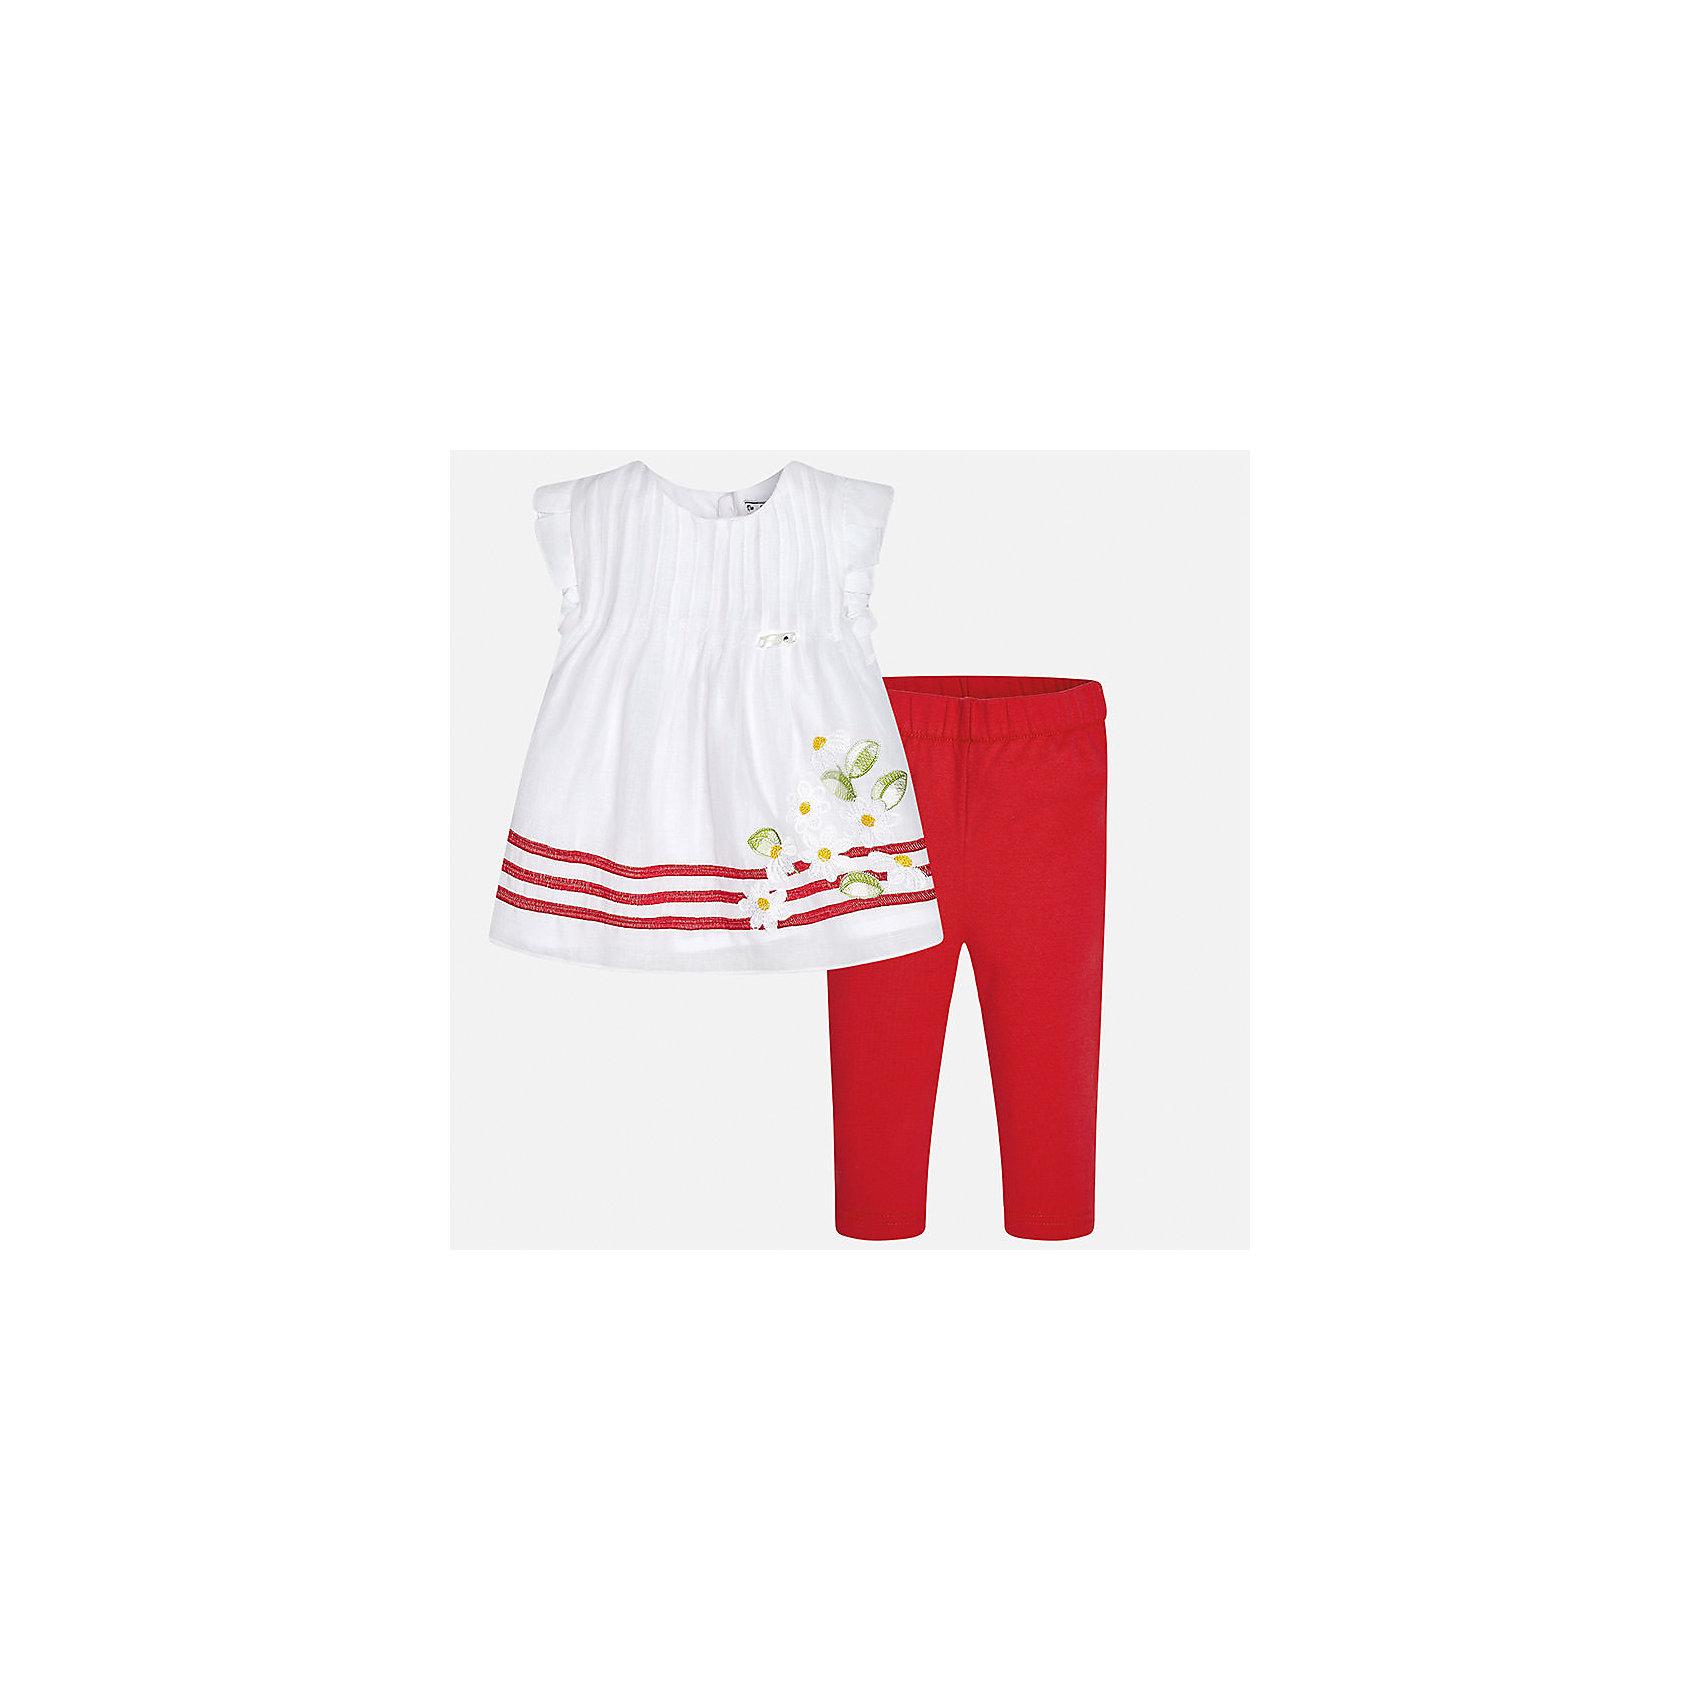 Комплект: рубашка и брюки для девочки MayoralКомплекты<br>Комплект: рубашка и брюки для девочки от известной испанской марки Mayoral.<br><br>Ширина мм: 215<br>Глубина мм: 88<br>Высота мм: 191<br>Вес г: 336<br>Цвет: красный<br>Возраст от месяцев: 12<br>Возраст до месяцев: 15<br>Пол: Женский<br>Возраст: Детский<br>Размер: 80,74,92,86<br>SKU: 5289031